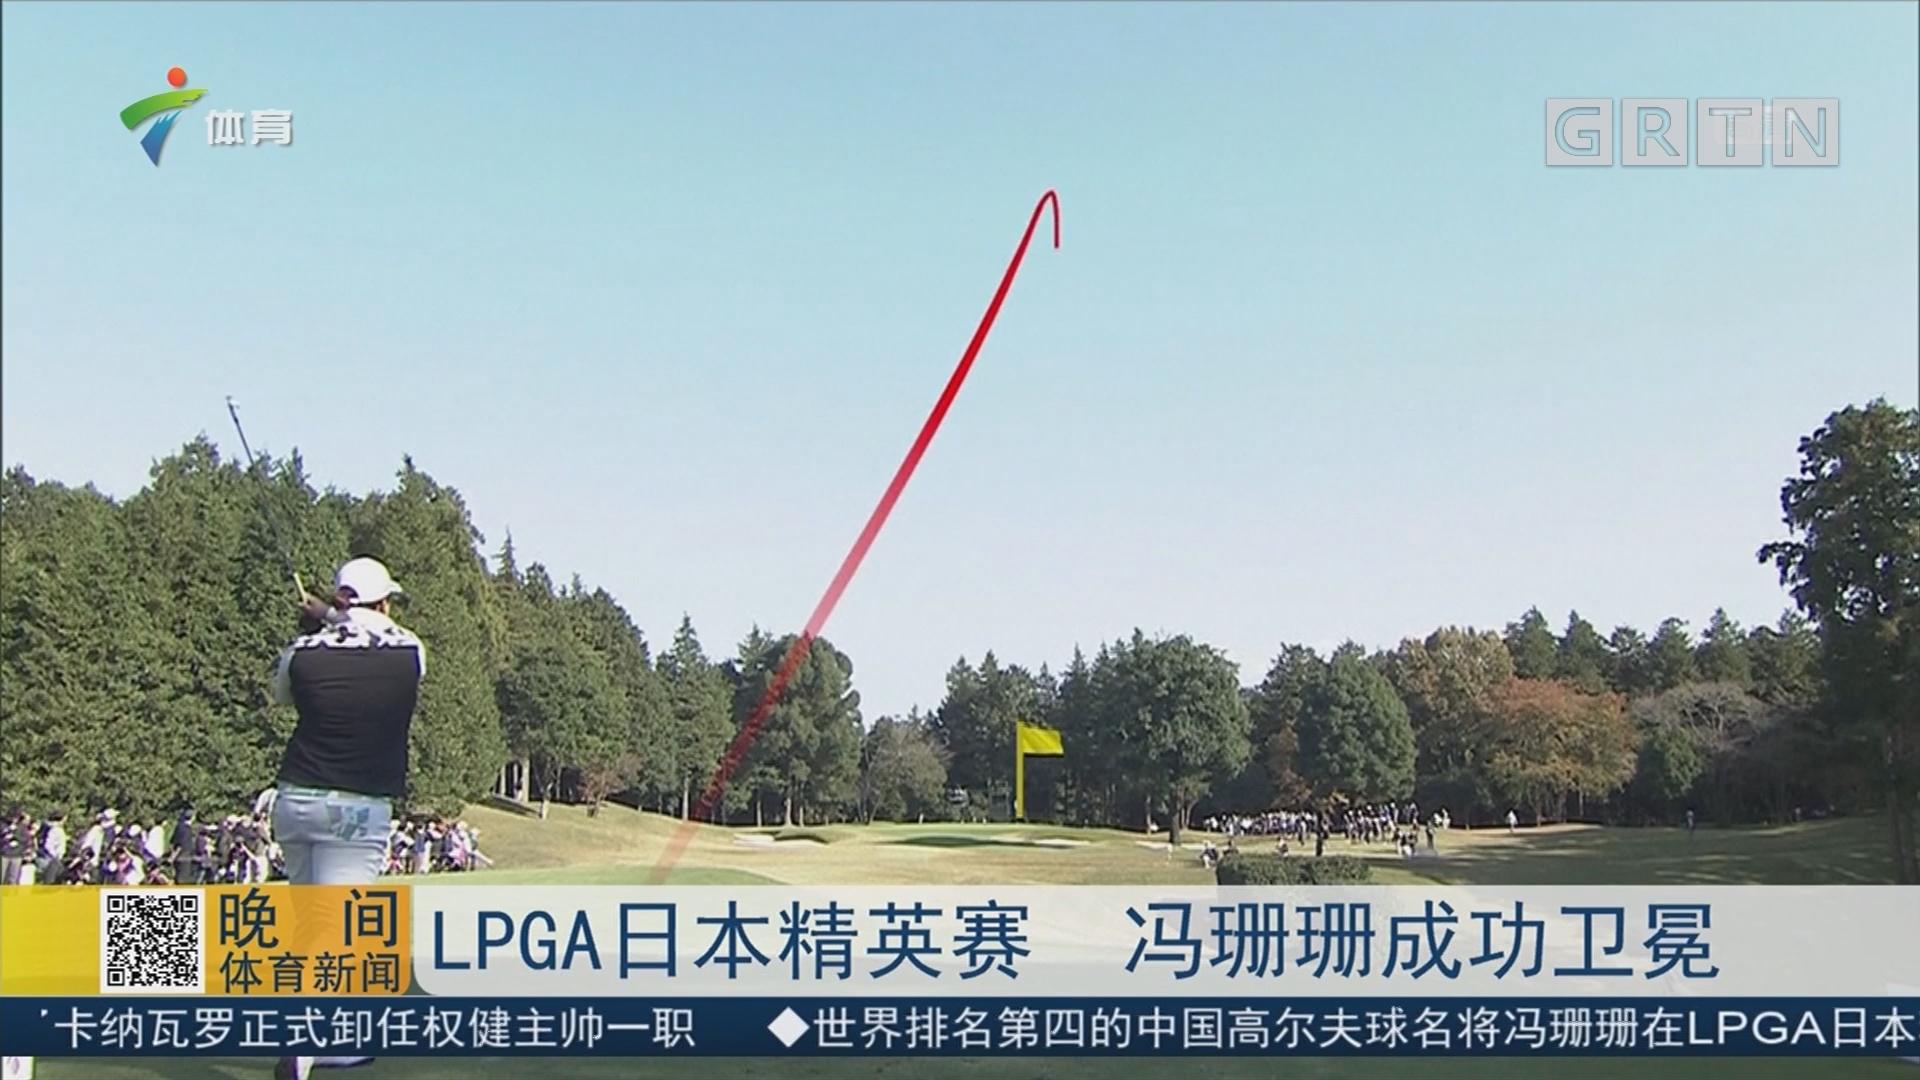 LPGA日本精英赛 冯珊珊成功卫冕